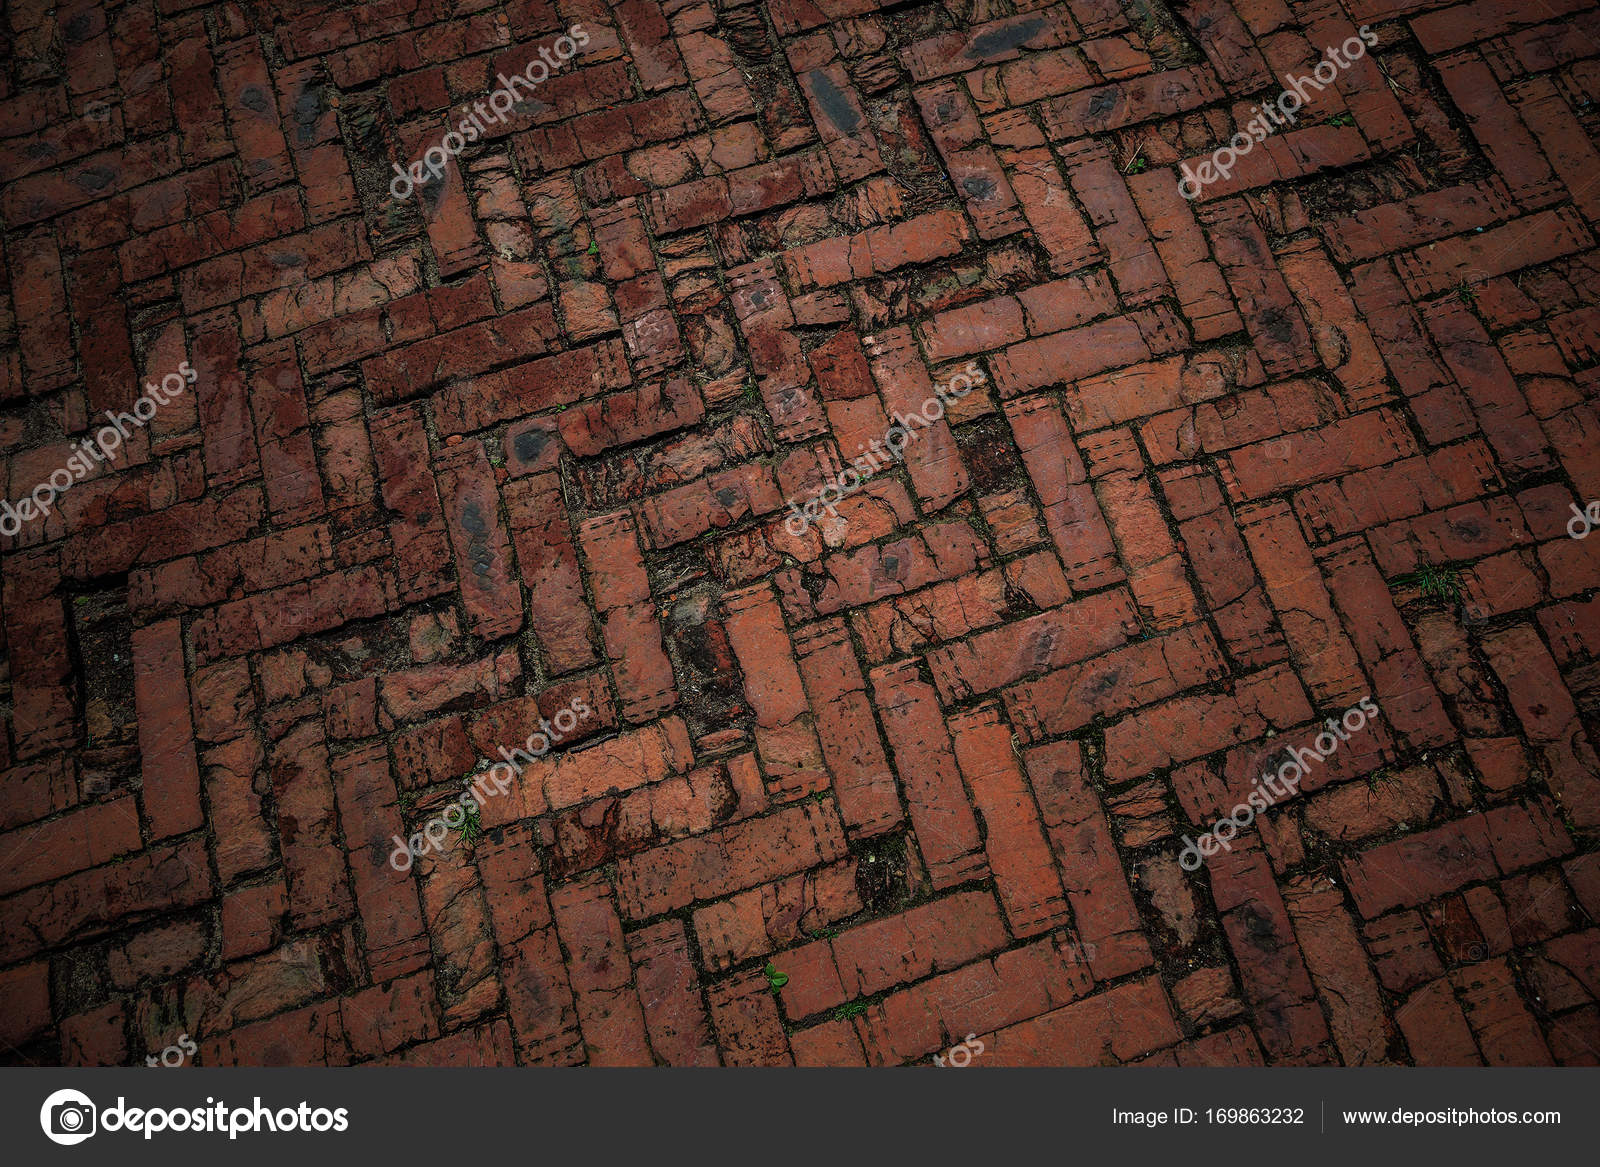 De weg is geplaveid met rode bakstenen achtergrond textuur van